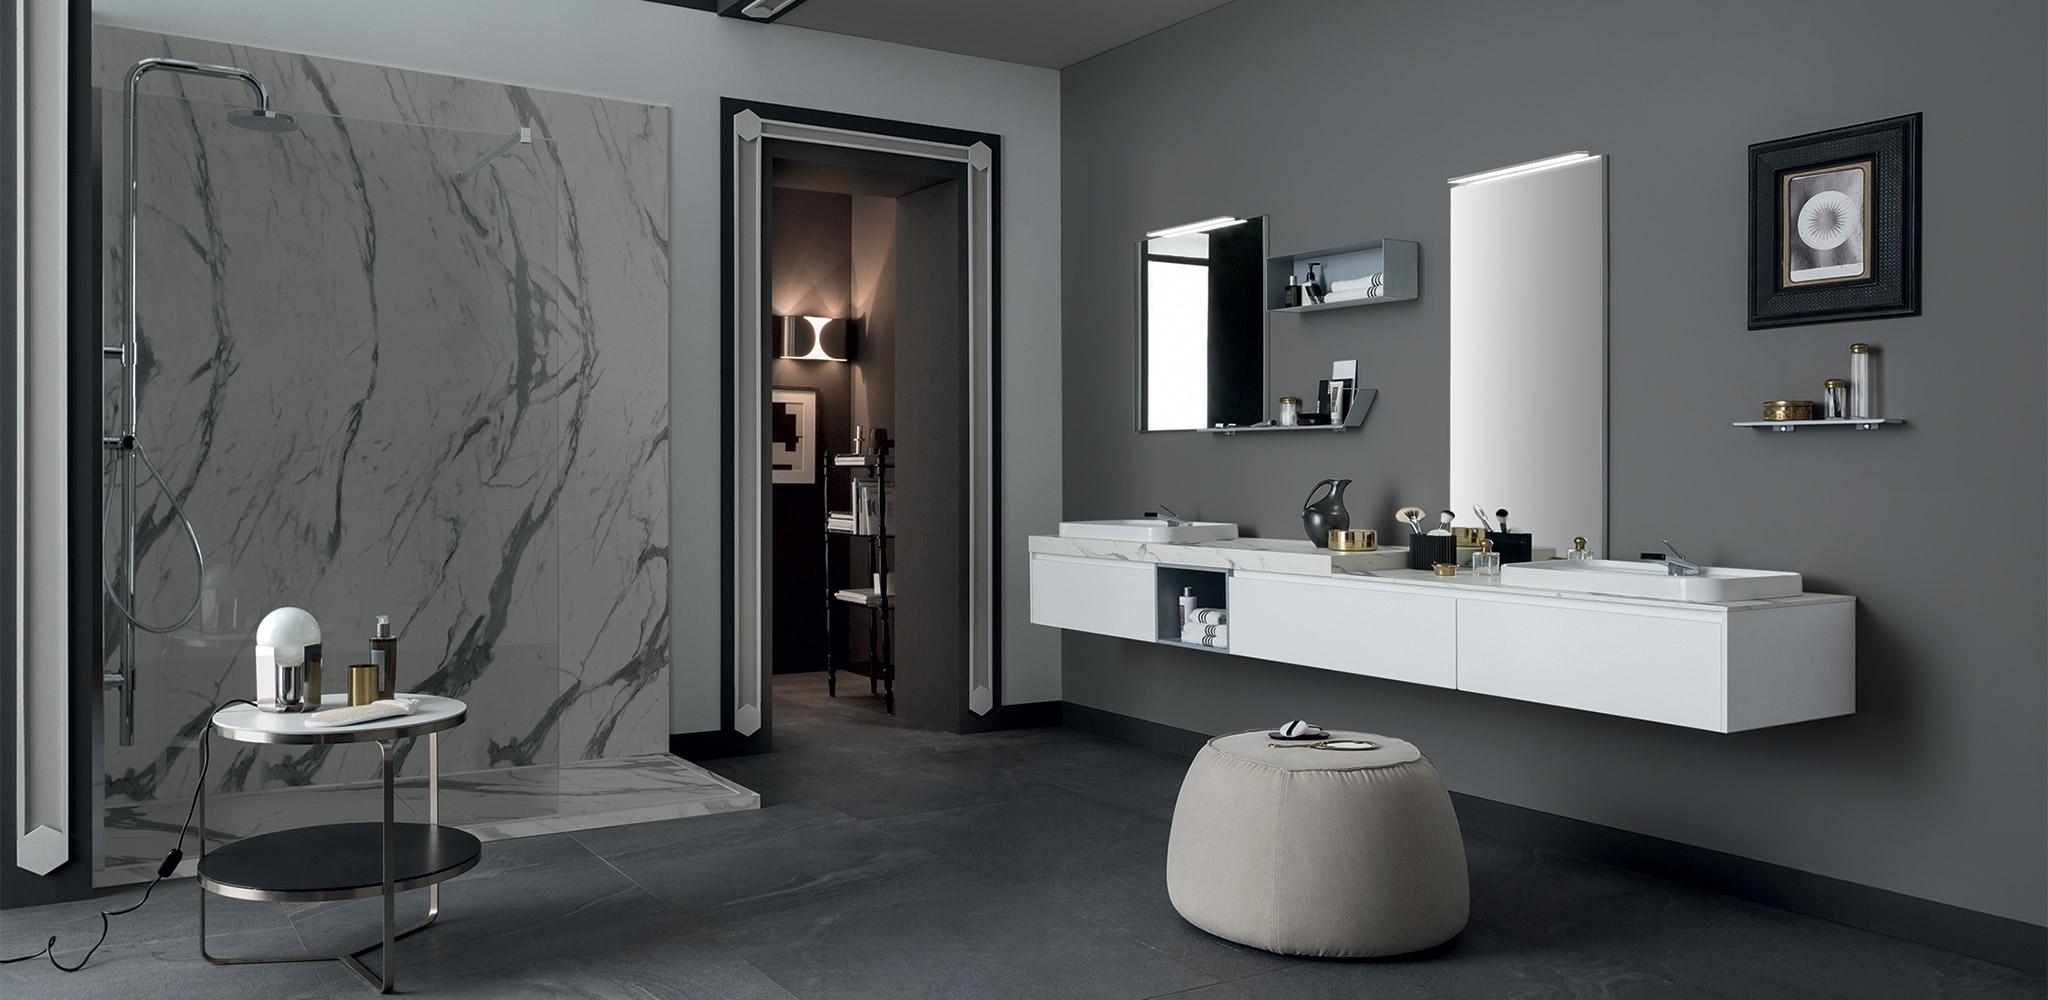 Mobile bagno con doppio lavabo design rab arredobagno - Mobile bagno con doppio lavabo ...